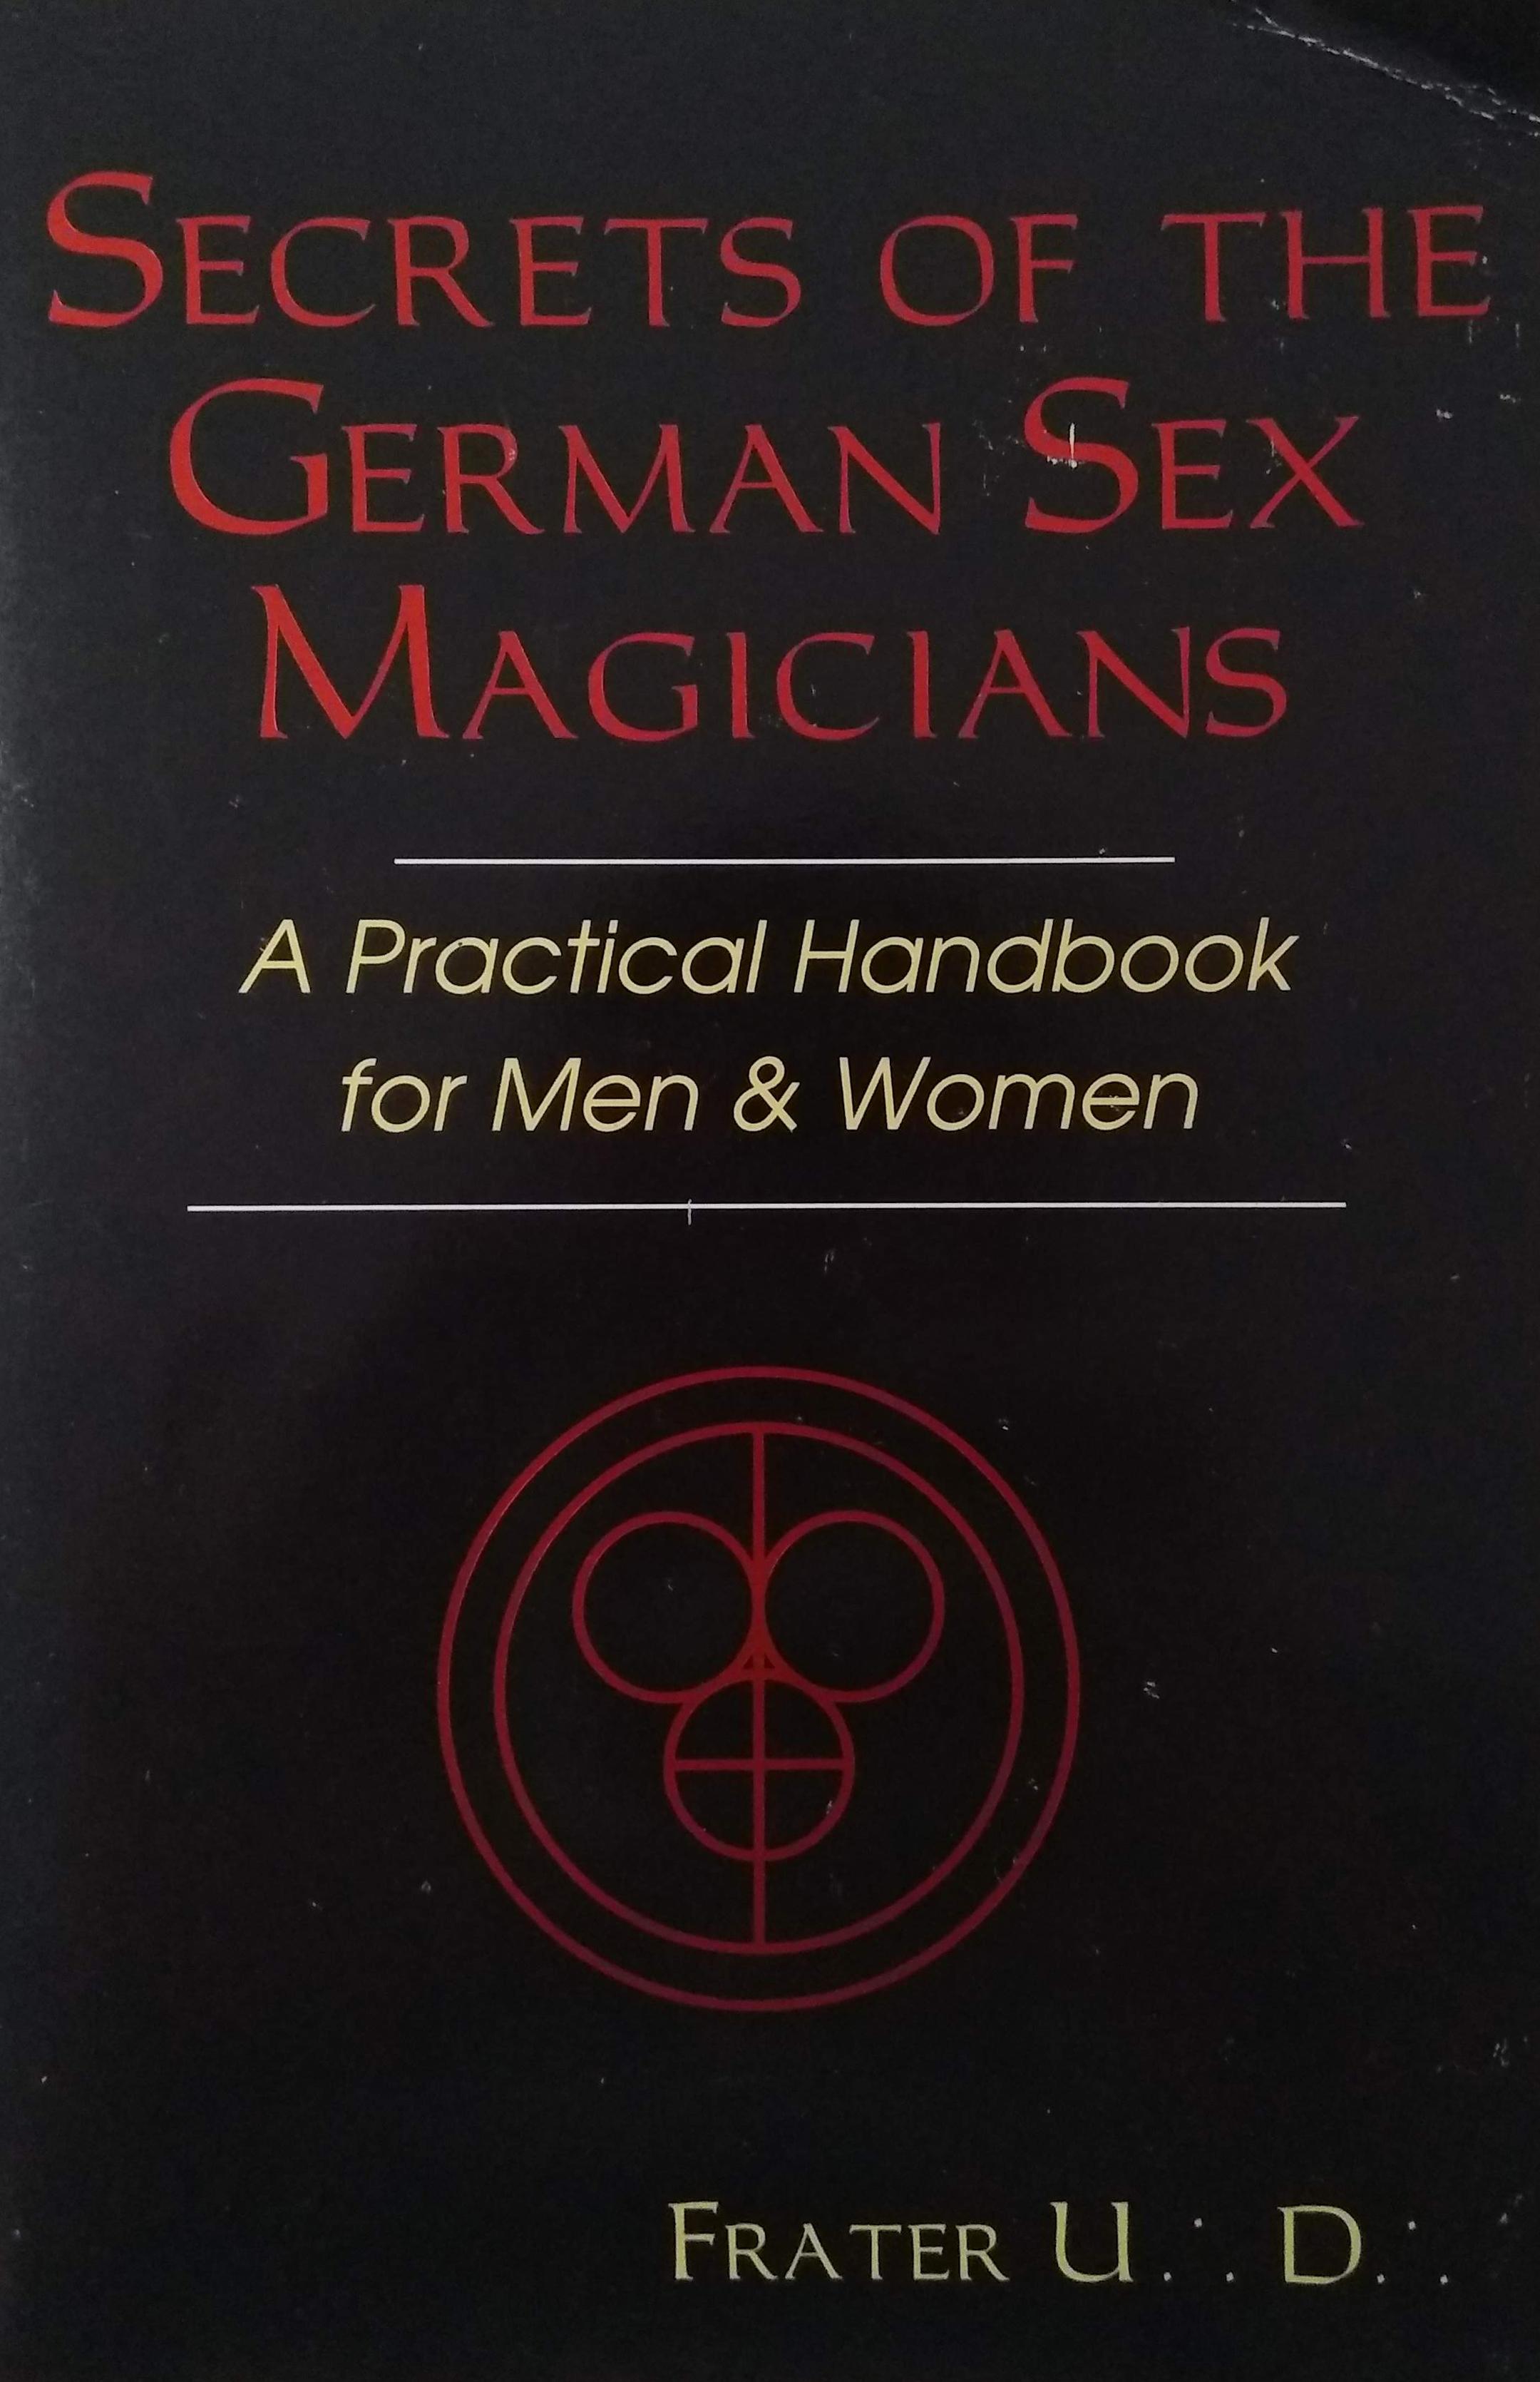 Secrets of the German Sex Magicians